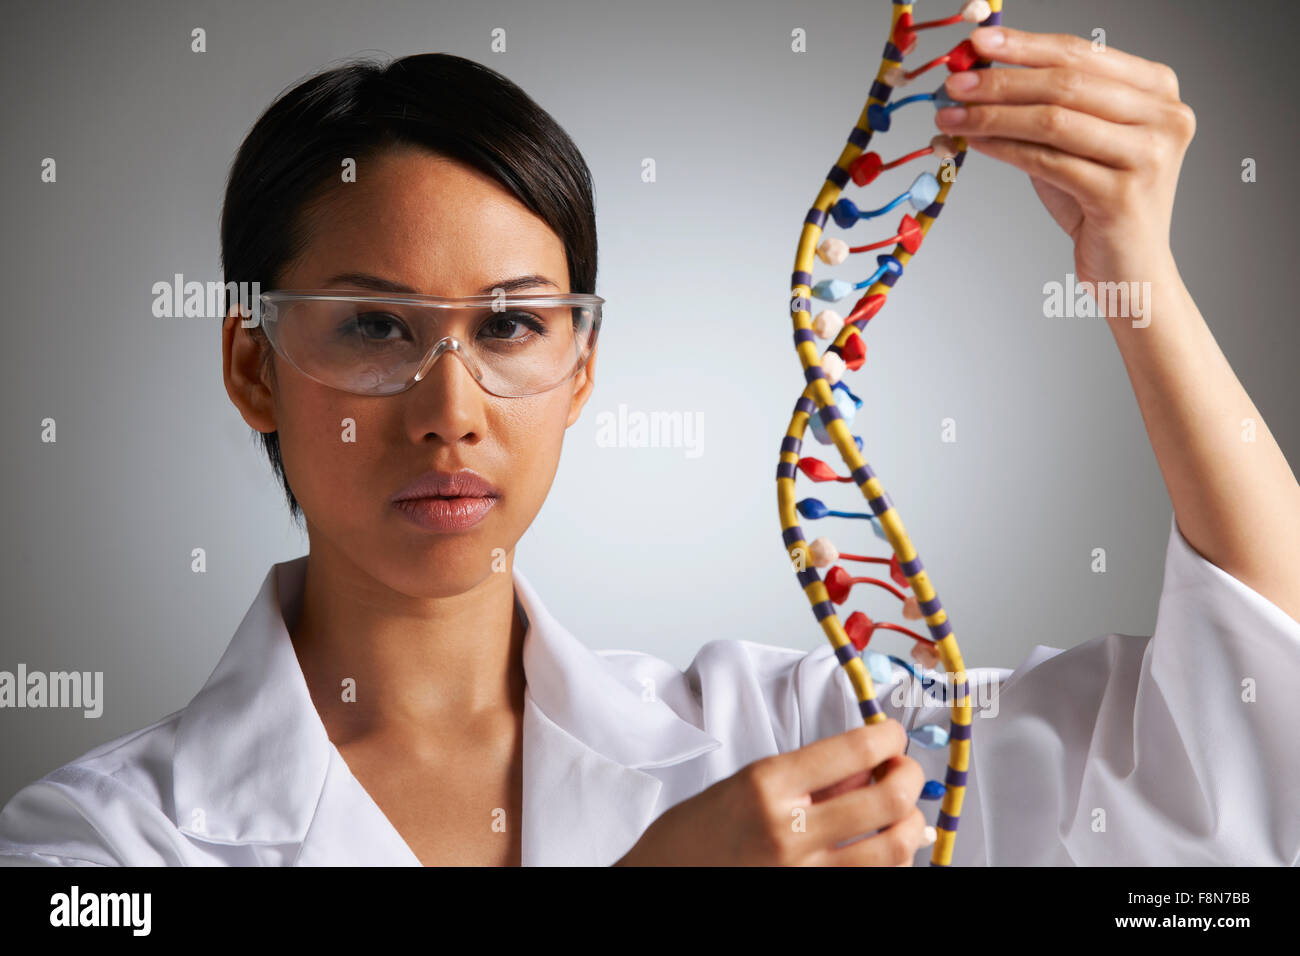 L'étude scientifique des femmes modèle moléculaire dans la forme d'Helix Photo Stock